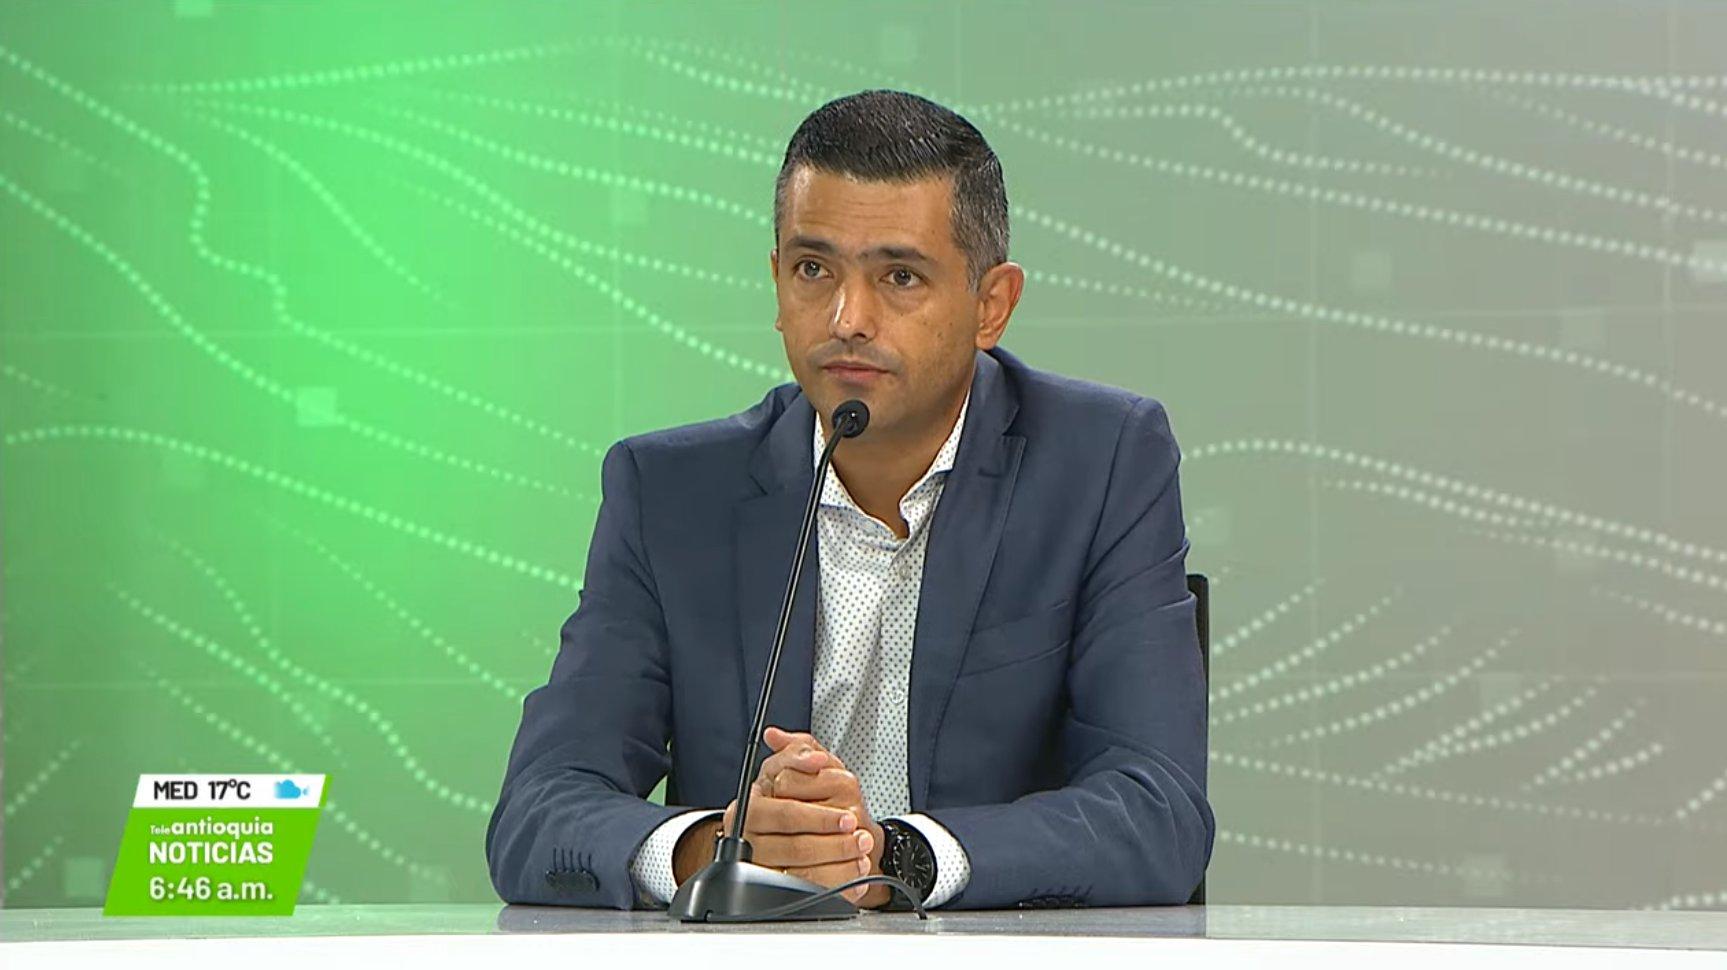 Entrevista con Braulio Espinosa Márquez, alcalde de Envigado